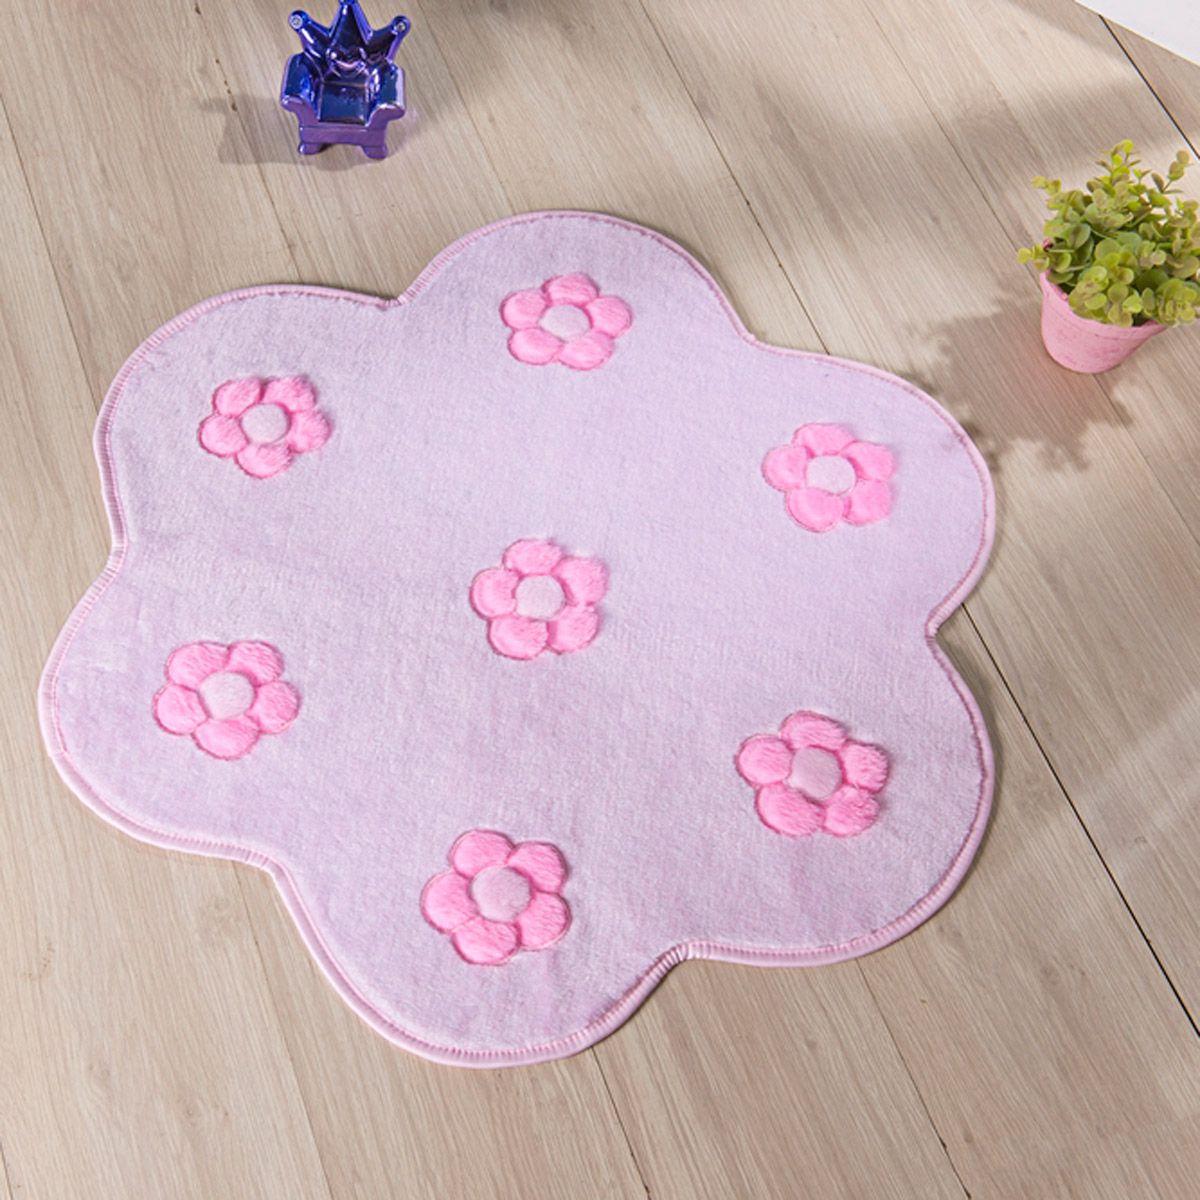 Tapete Infantil Premium Formato Jardim Rosa 70cm x 70cm